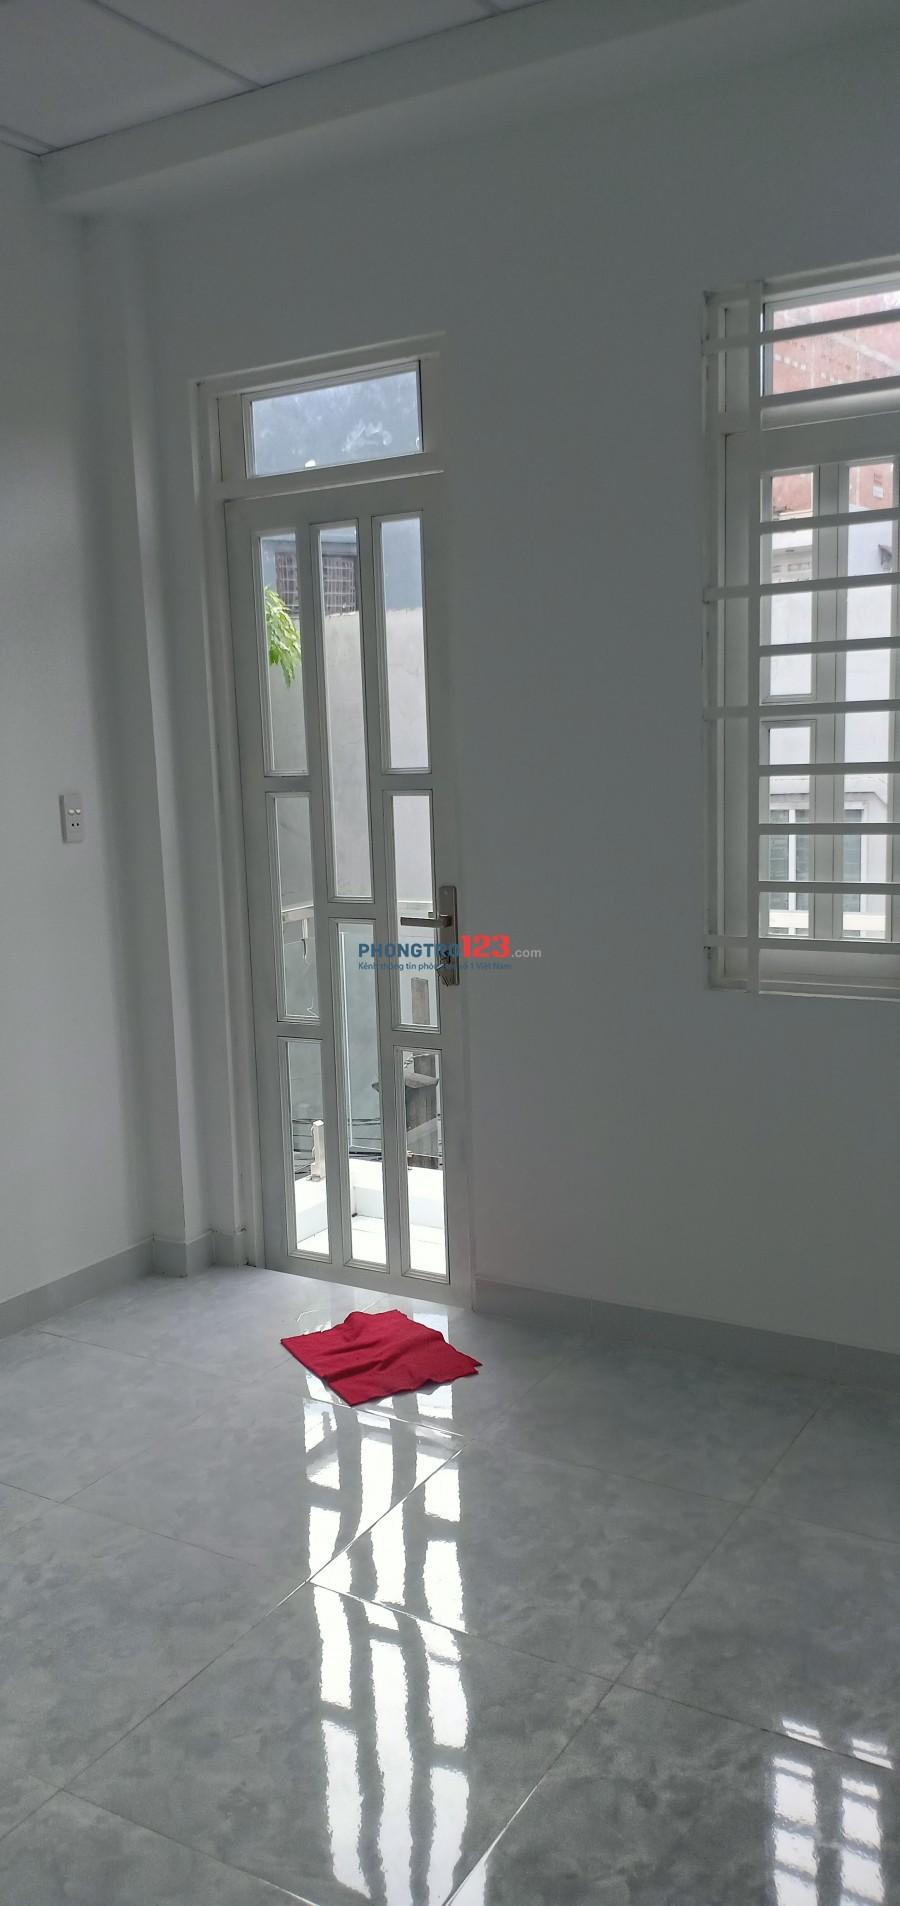 Nhà 1trệt 1lầu, 2toilet, 2 phòng ngủ, ban công thoáng mát